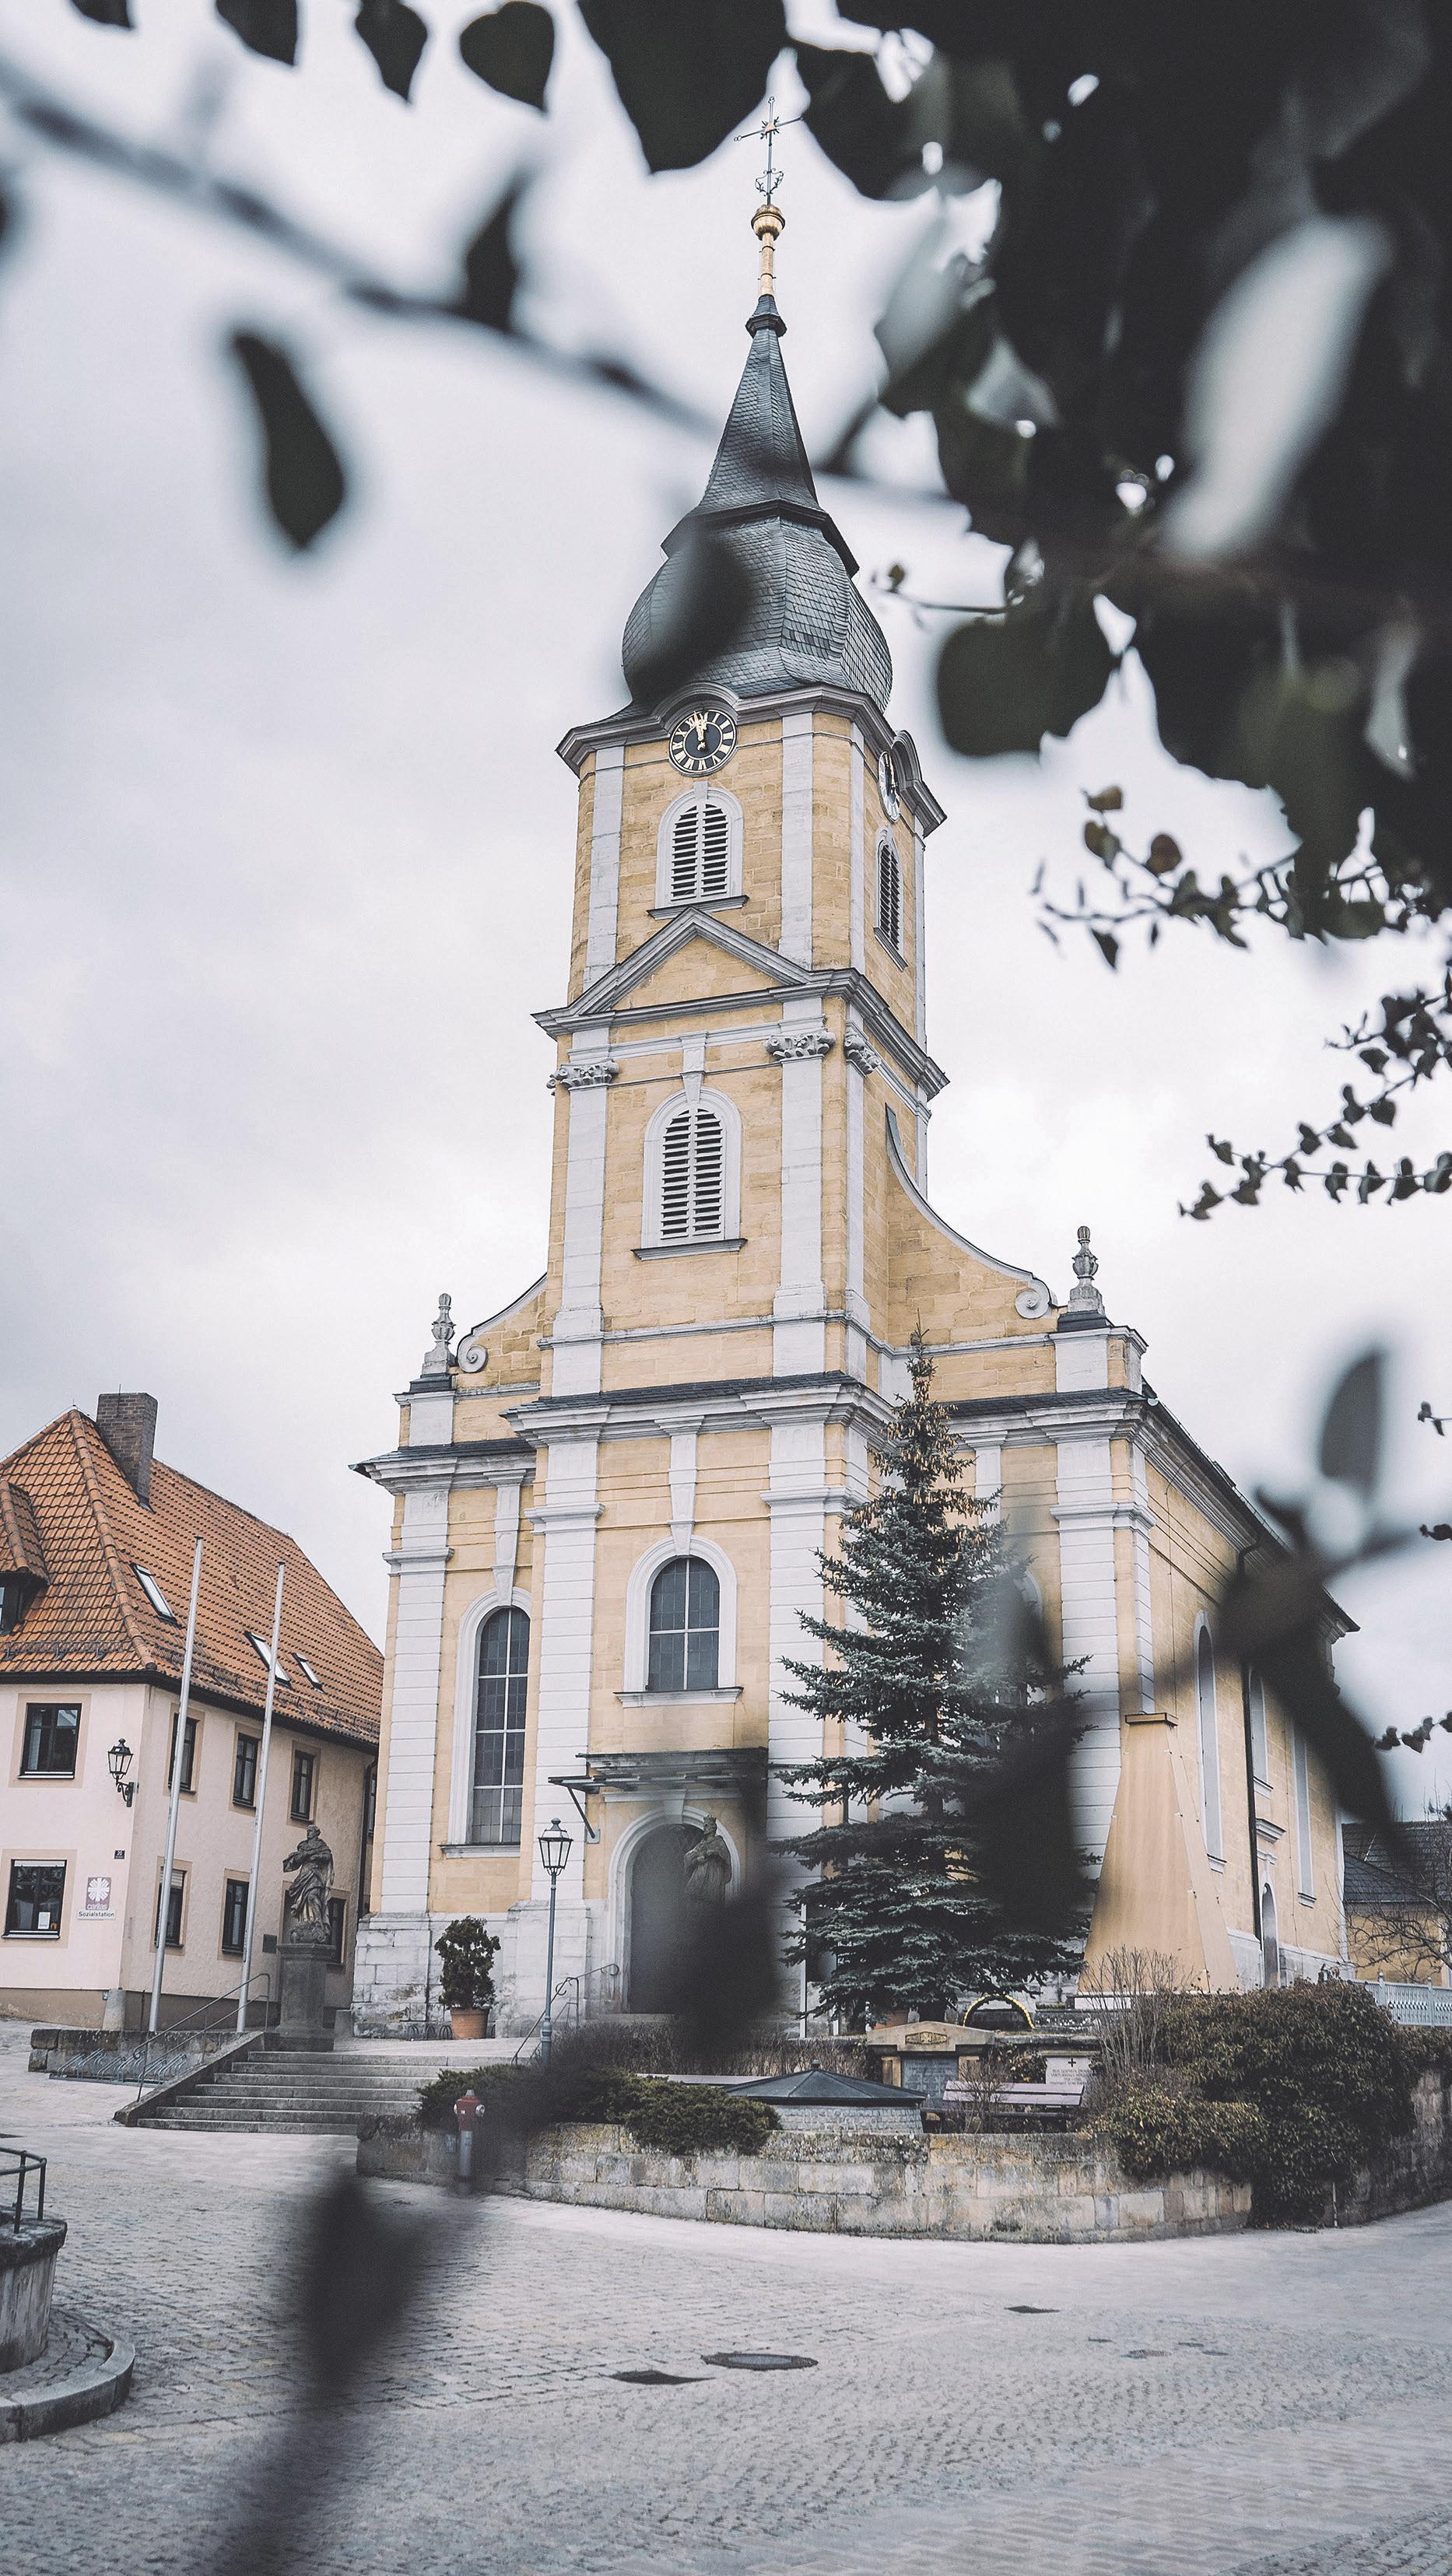 """Die katholische Pfarrkirche """"St. Heinrich und Kunigunde"""" zeigt sich als klassizistische Saalkirche mit eingezogenem Chor und Einturmfassade. Foto: Pia Nowak"""